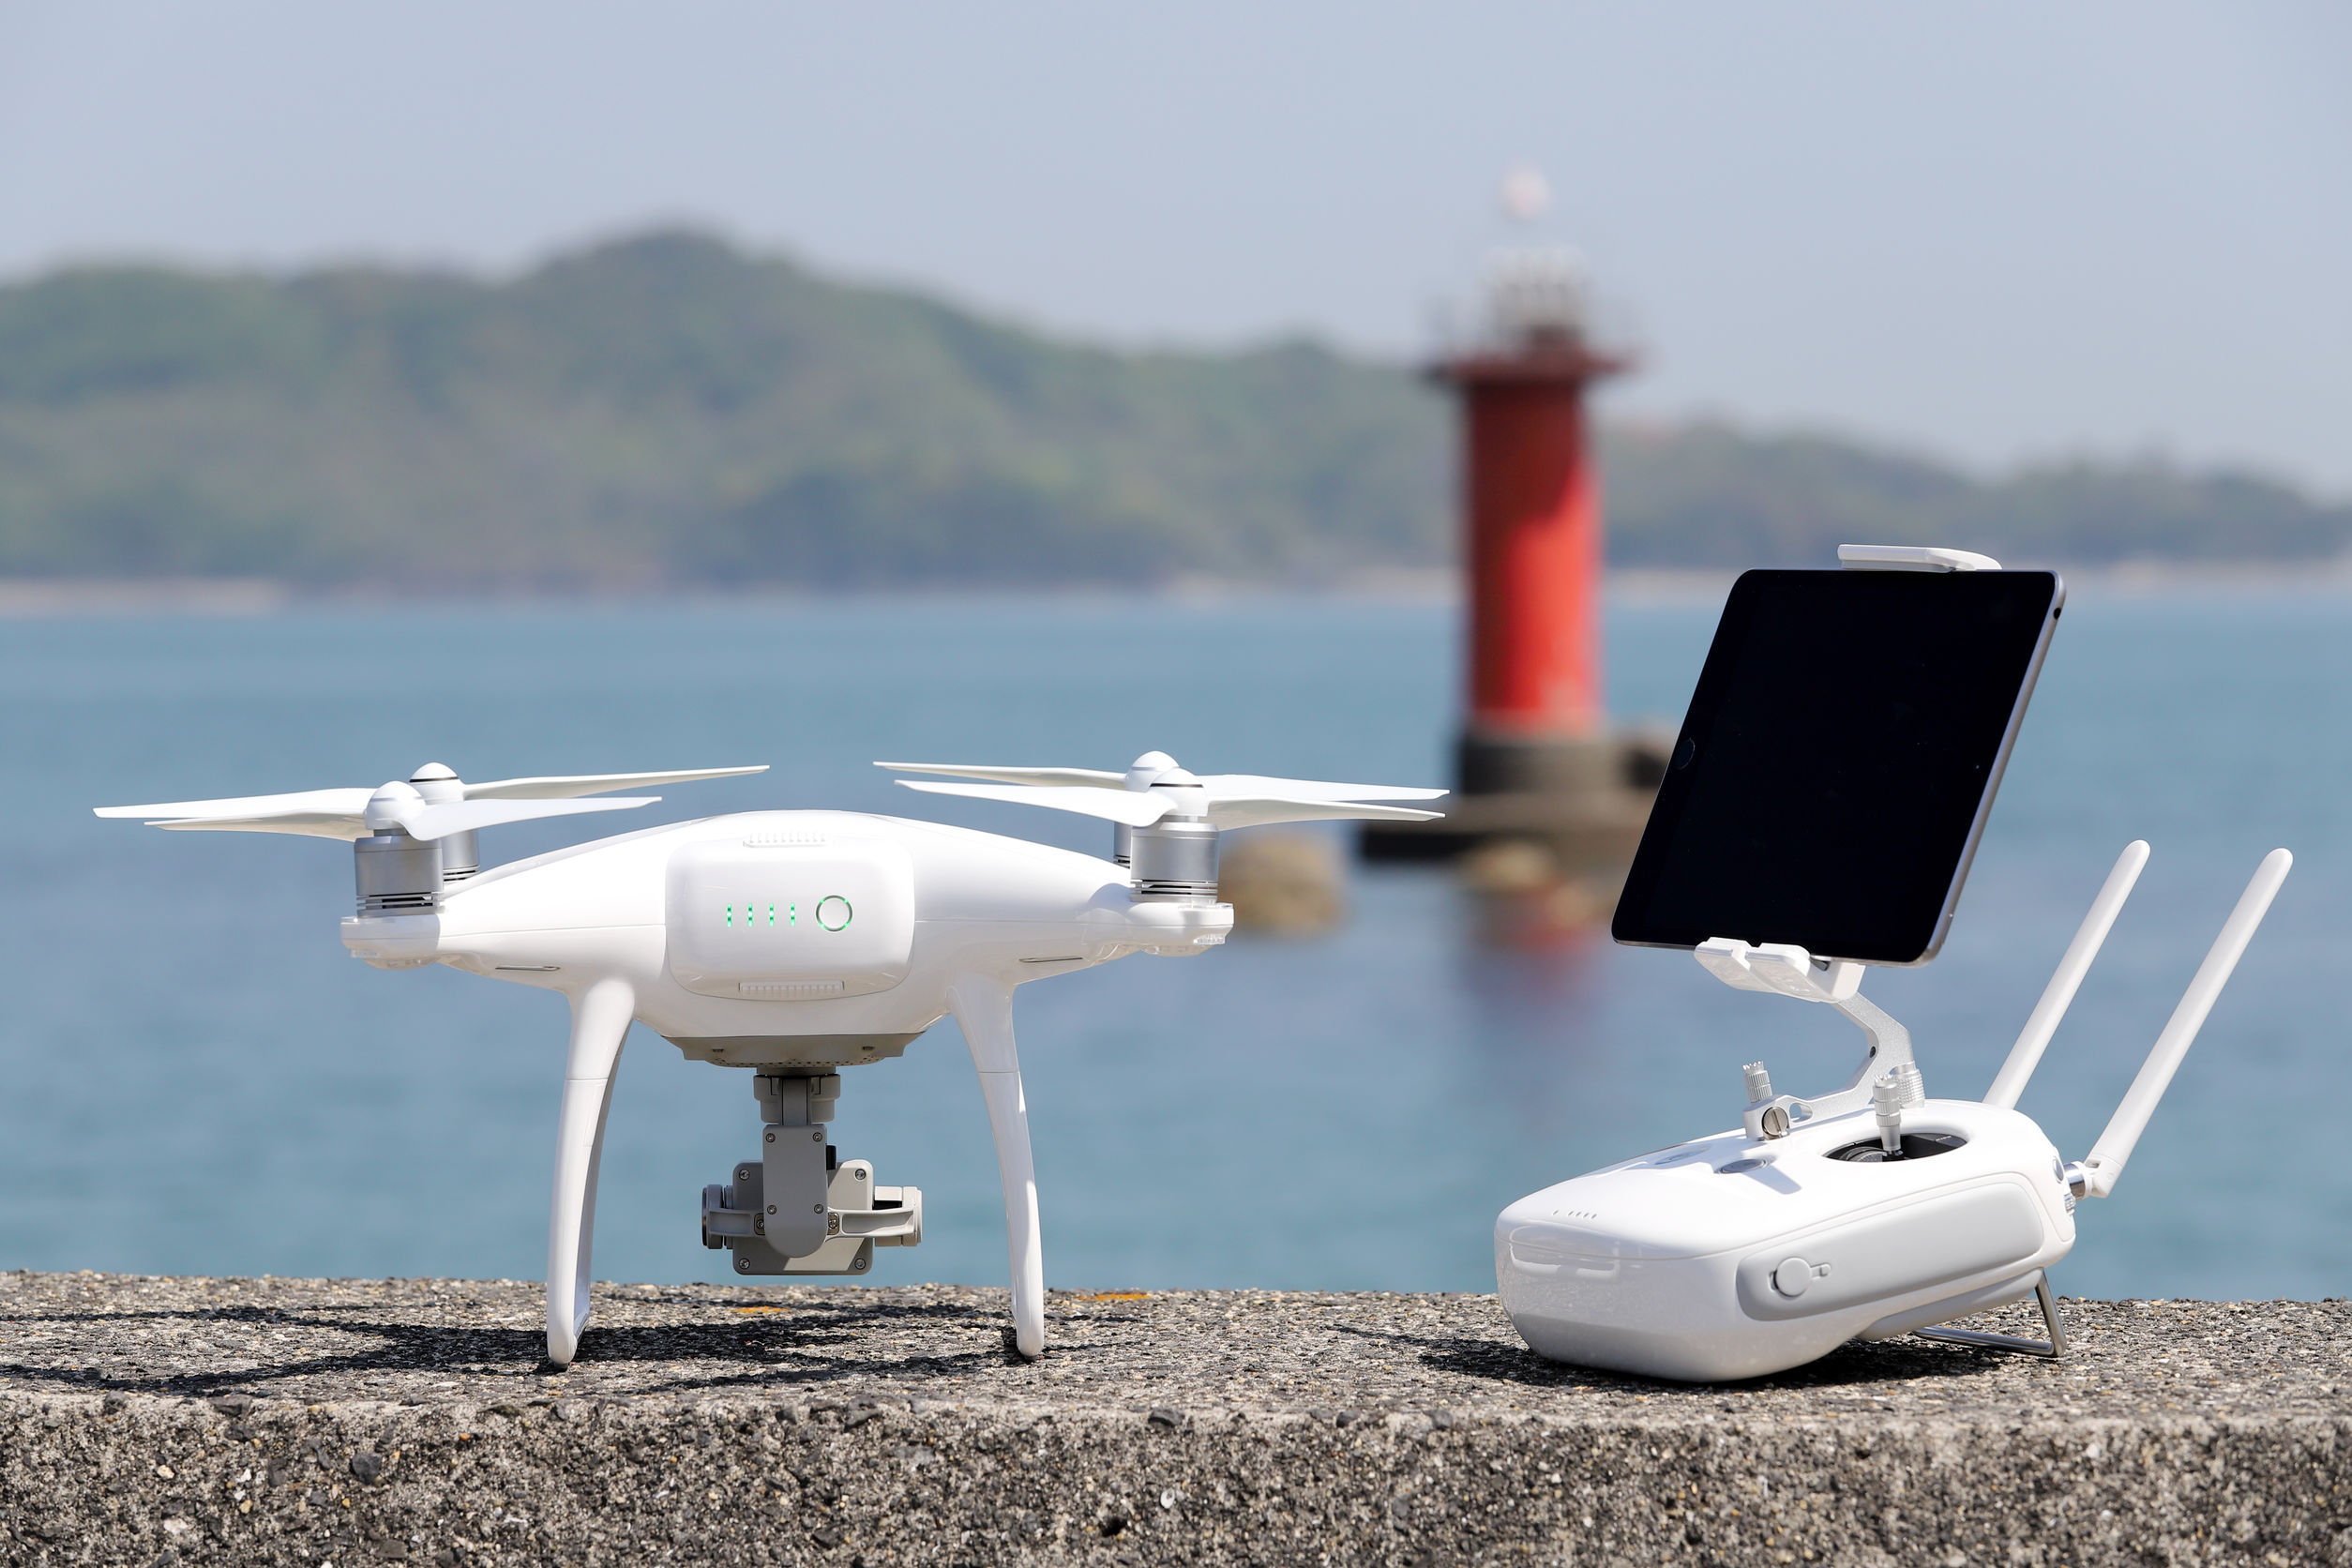 Drone y control remoto con monitor en embarcadero de hormigón